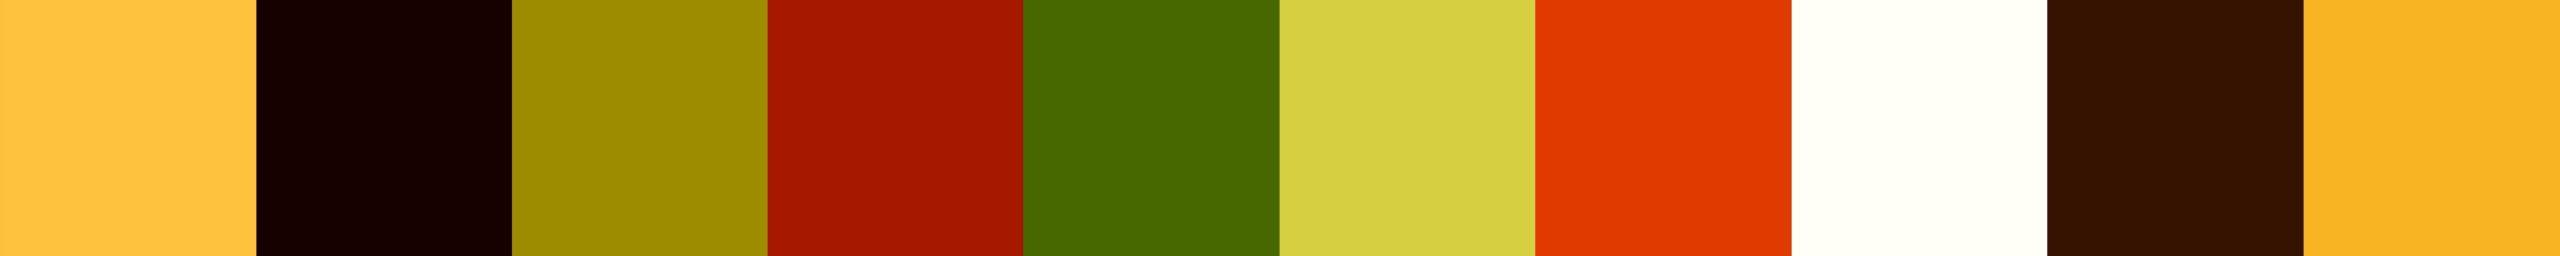 51 Novero Color Palette